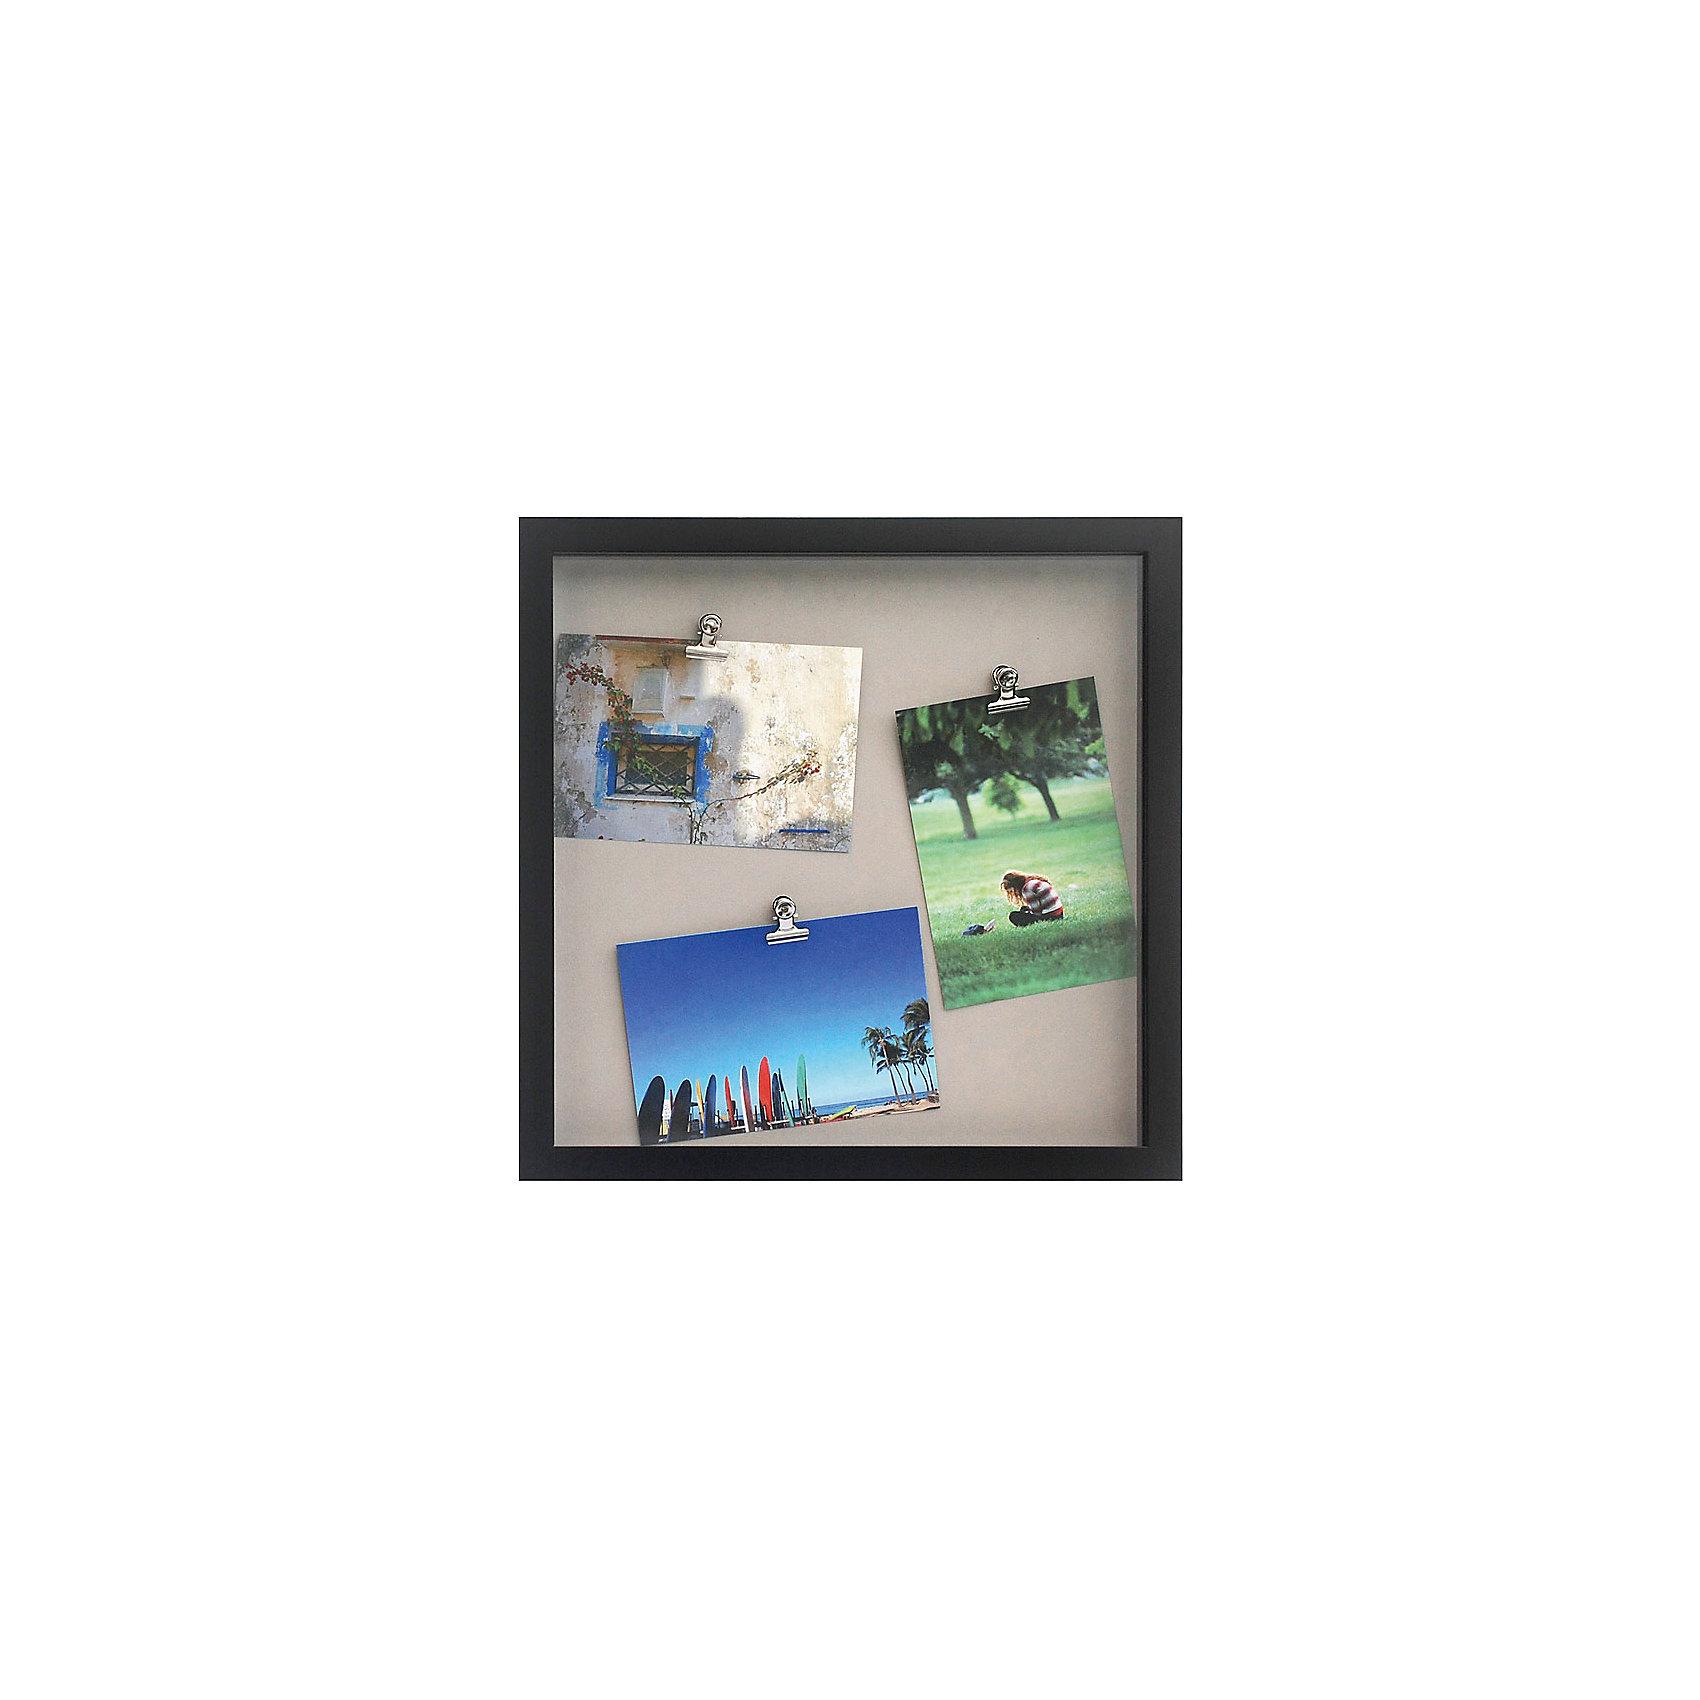 Фоторамка комбинированная чернаяПредметы интерьера<br>Характеристики:<br><br>• Предназначение: для оформления фотографий, вышивок, картин<br>• Пол: универсальный<br>• Материал: пластик, оргстекло, металл<br>• Цвет: черный<br>• Комплектация: рамка с 3-мя металлическими зажимами<br>• Размеры (Ш*Д*В): 45,8*45,8*3 см<br>• Вес в упаковке: 1 кг 160 г <br>• Упаковка: картонная коробка<br><br>Фоторамка комбинированная черная – это пластиковая фоторамка с подложкой от торговой марки Белоснежка, специализирующейся на товарах для творчества и рукоделия. Изделие изготовлено в виде рамки с тремя металлическими зажимами, благодаря которым можно легко комбинировать и группировать разные фотографии внутри самой рамки. С такой фоторамкой можно создать семейную историю из любимых фотографий или использовать ее для оформления вышивок, картин. Она имеет подвесное крепление, поэтому с помощью этой фоторамки можно оформить интерьер. Комбинированная фоторамка выполнена в классическом черном цвете, поэтому она может придать интерьеру экстравагантность и стиль. <br><br>Фоторамку комбинированную черную можно купить в нашем интернет-магазине.<br><br>Ширина мм: 330<br>Глубина мм: 330<br>Высота мм: 30<br>Вес г: 5790<br>Возраст от месяцев: 72<br>Возраст до месяцев: 144<br>Пол: Унисекс<br>Возраст: Детский<br>SKU: 5089798